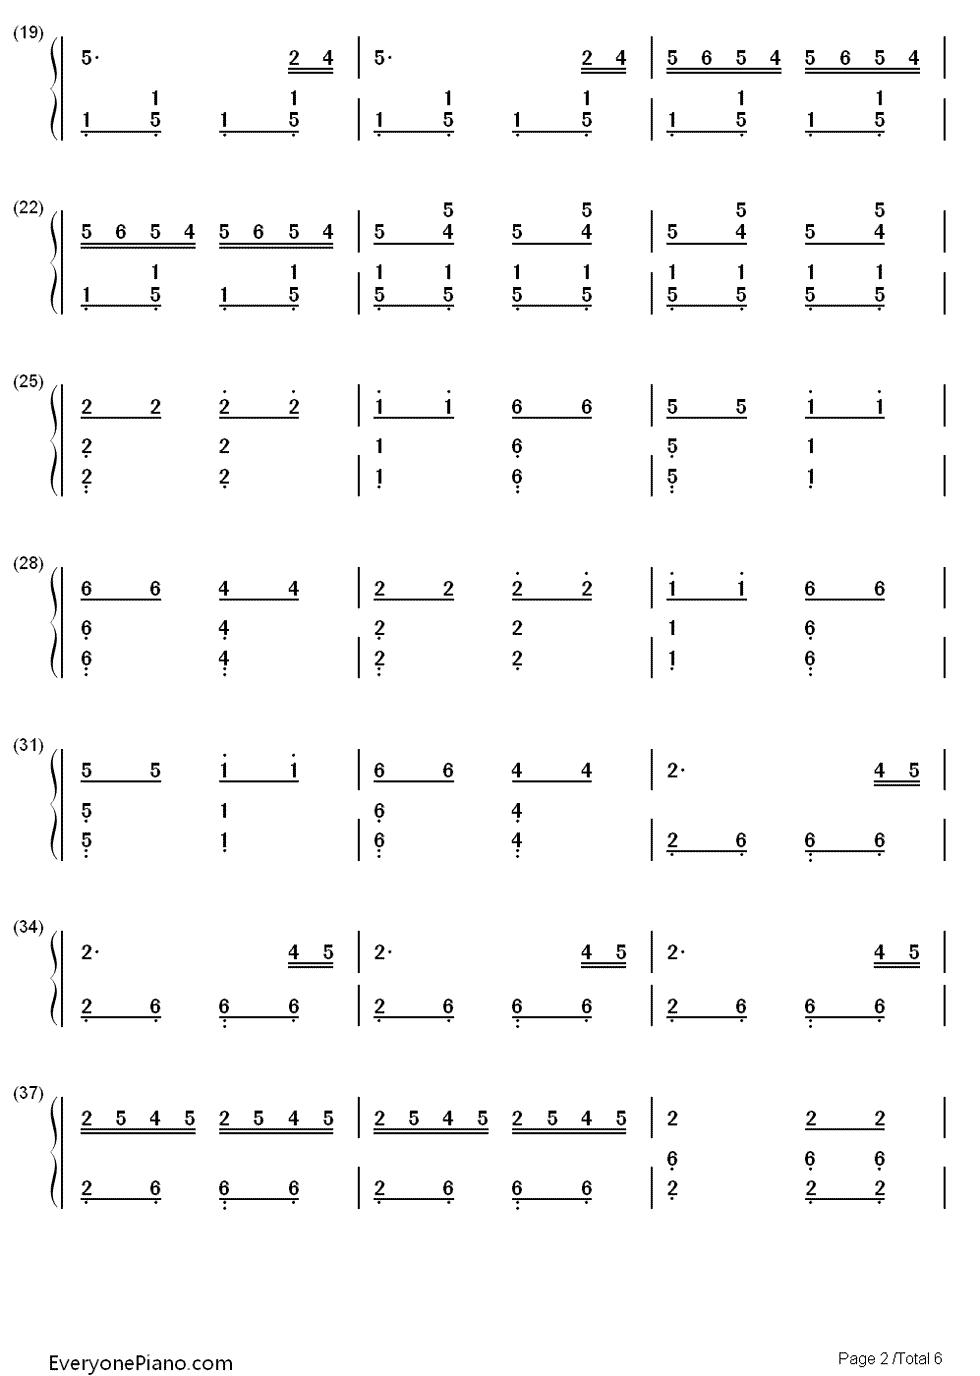 赛马双手简谱预览2 钢琴谱文件 五线谱 双手简谱 数字谱 Midi PDF 免